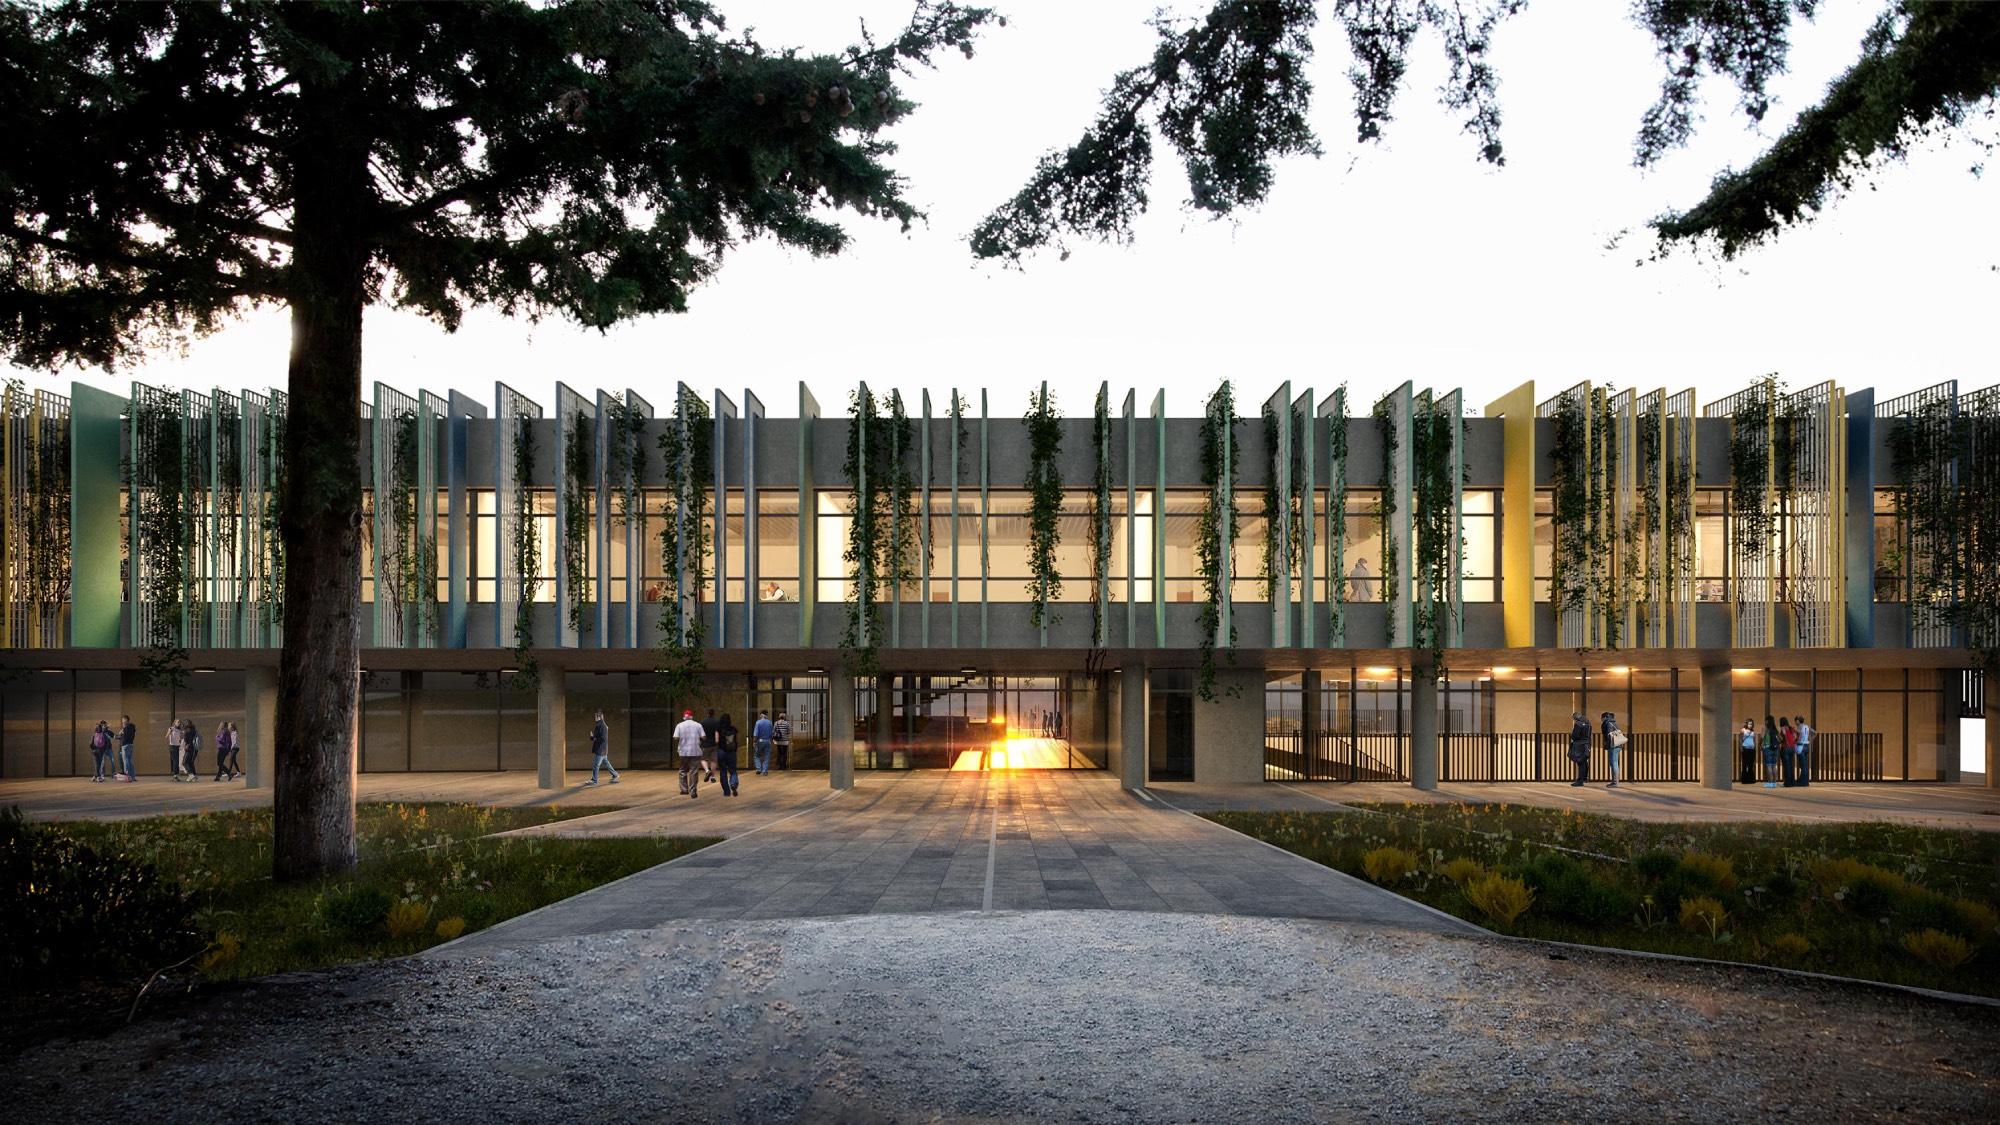 Κολλέγιο Ανατόλια, νέο κτήριο του Pinewood – American International School - B' βραβείο